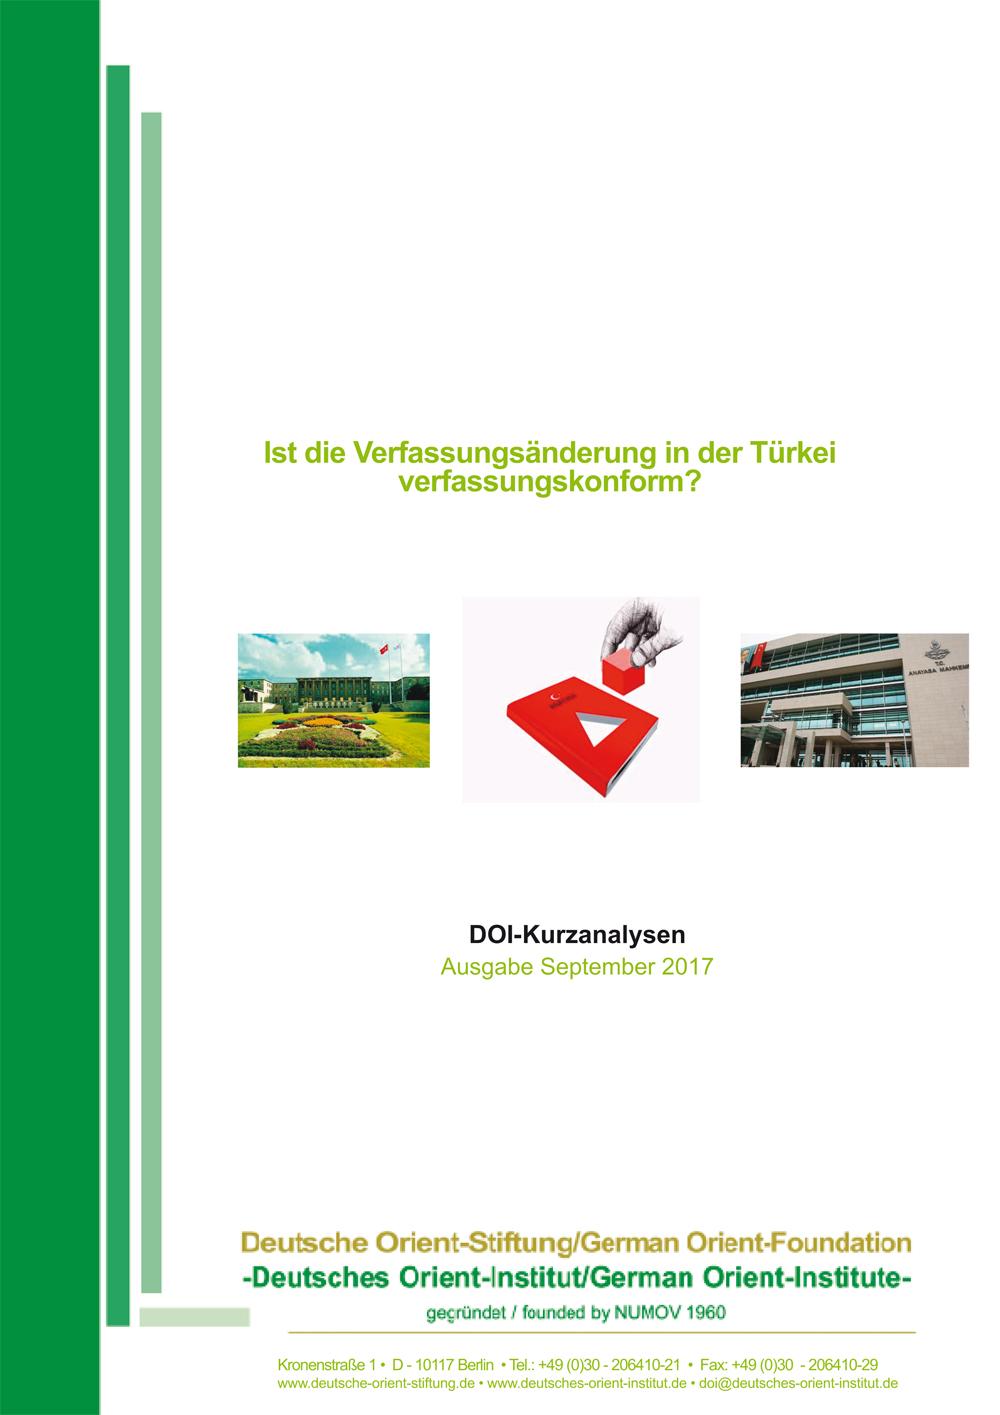 """Featured image for """"Ist die Verfassungsänderung in der Türkei verfassungskonform?"""""""